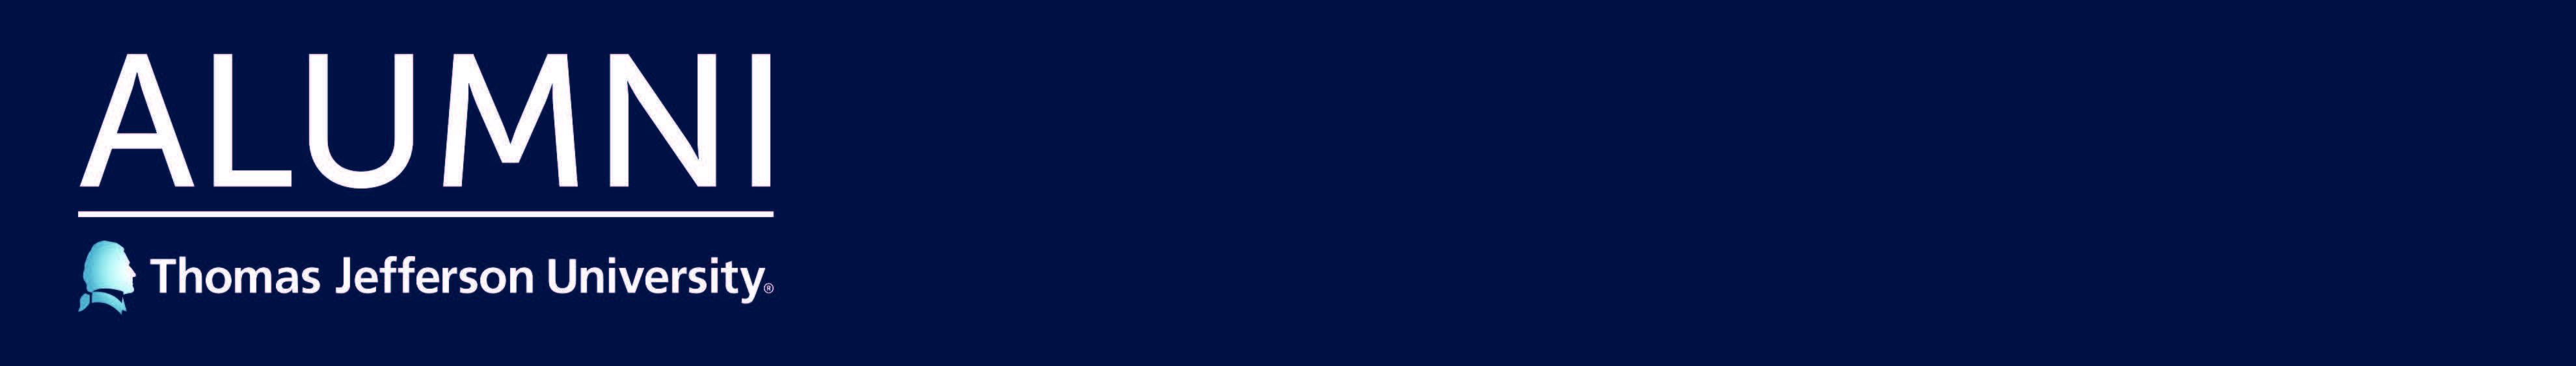 ALUMNI logo header 2